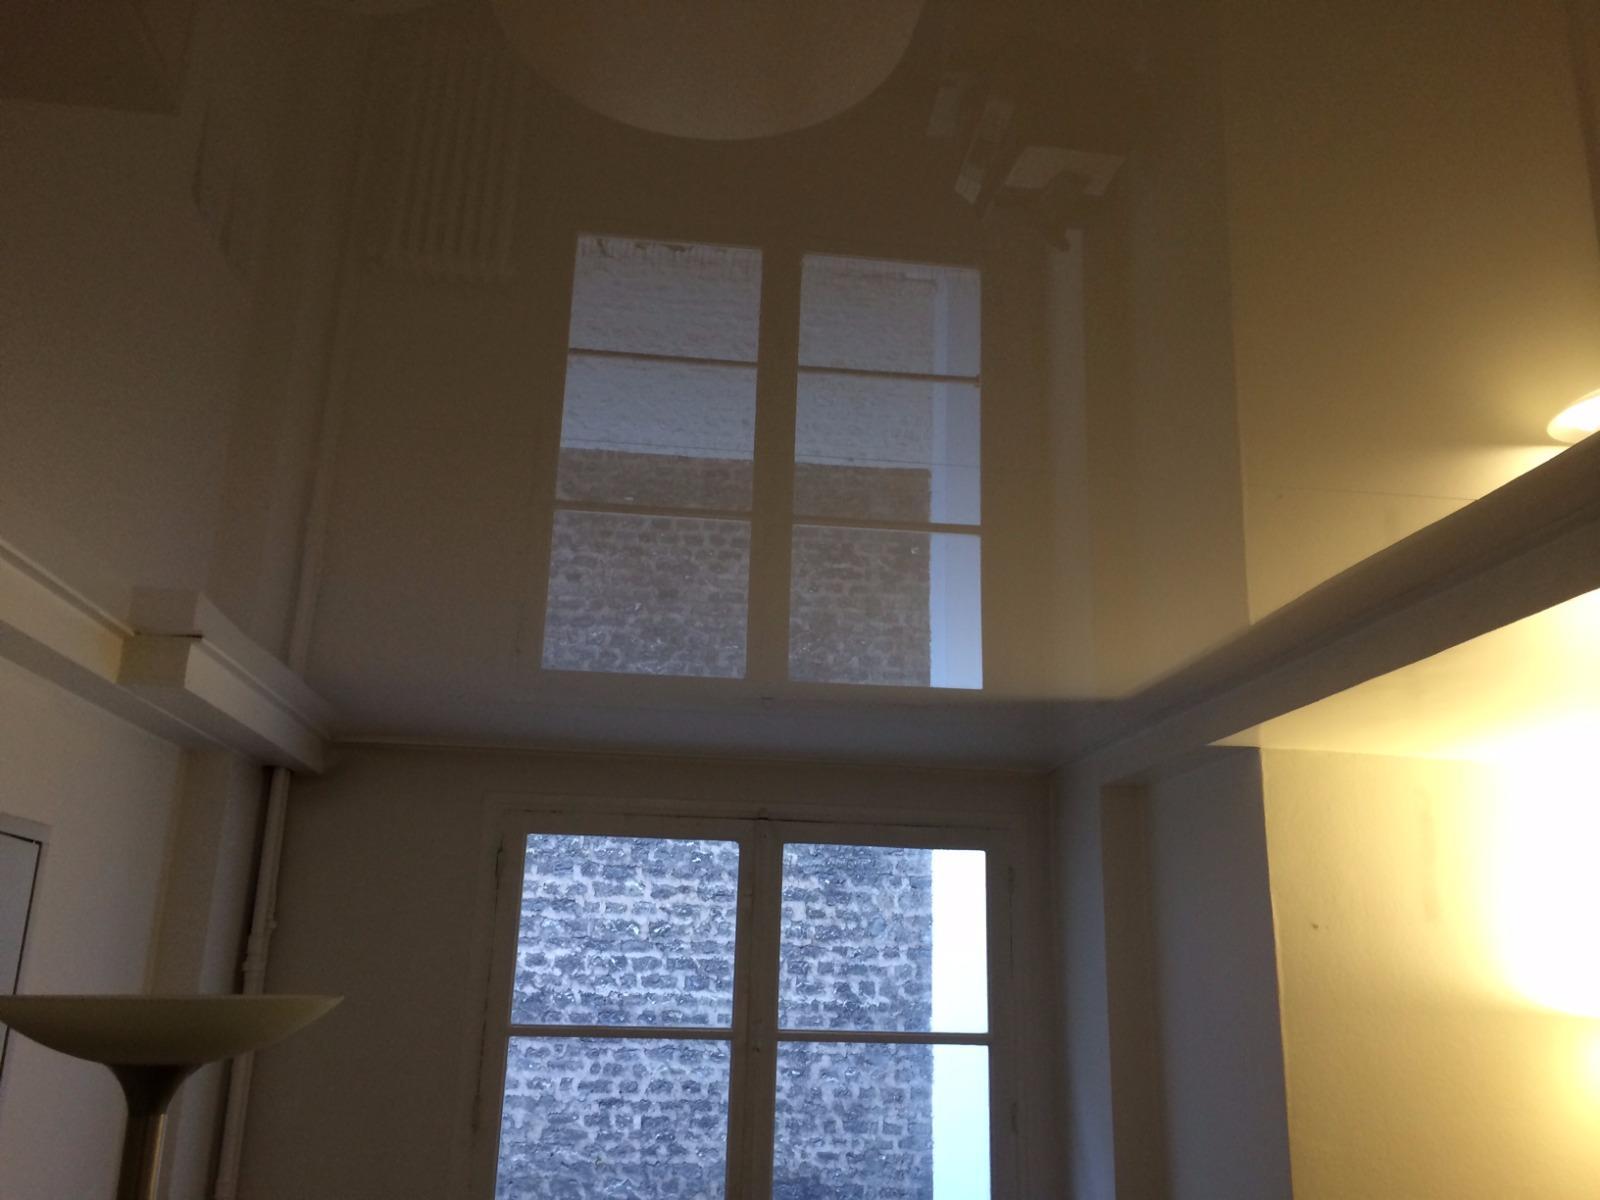 plafond tendu paris hotel avec miroir au plafond paris romantique loft lit rond comme suspendu. Black Bedroom Furniture Sets. Home Design Ideas